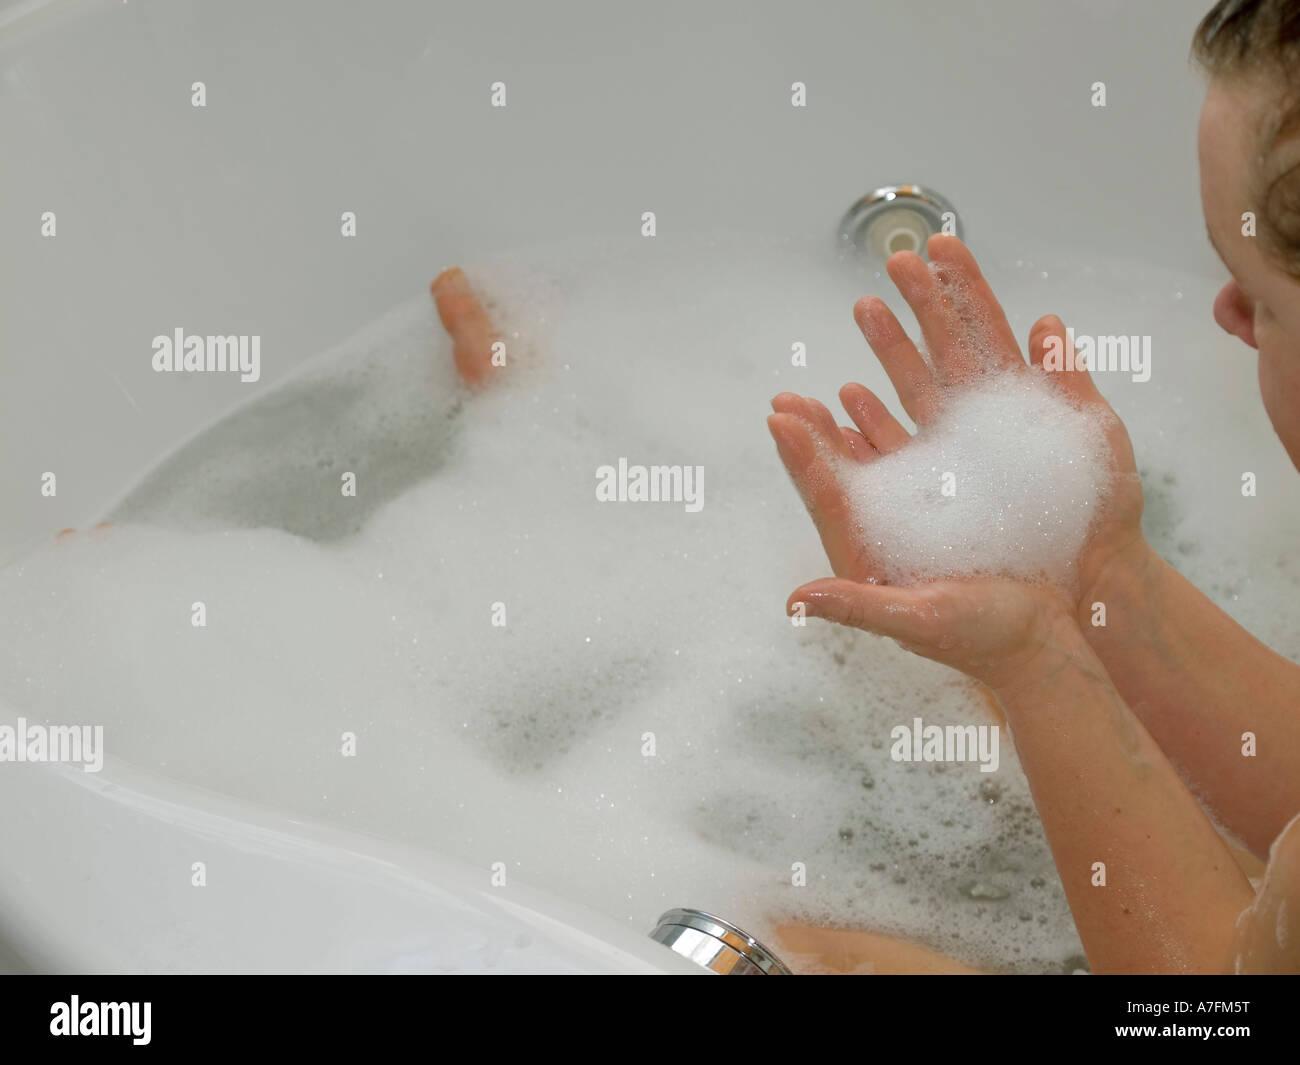 woman taking bubble bath foam bath Stock Photo, Royalty Free Image ...